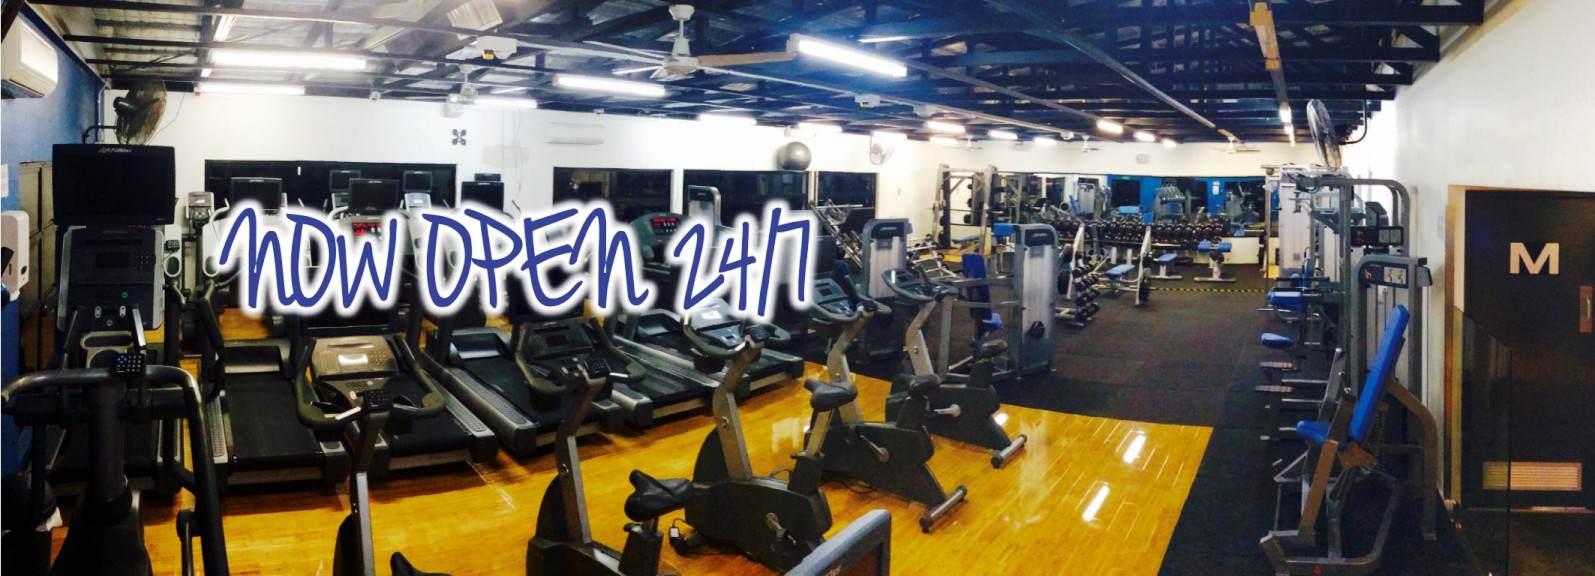 Healthworks Mooloolaba 24/7 fitness